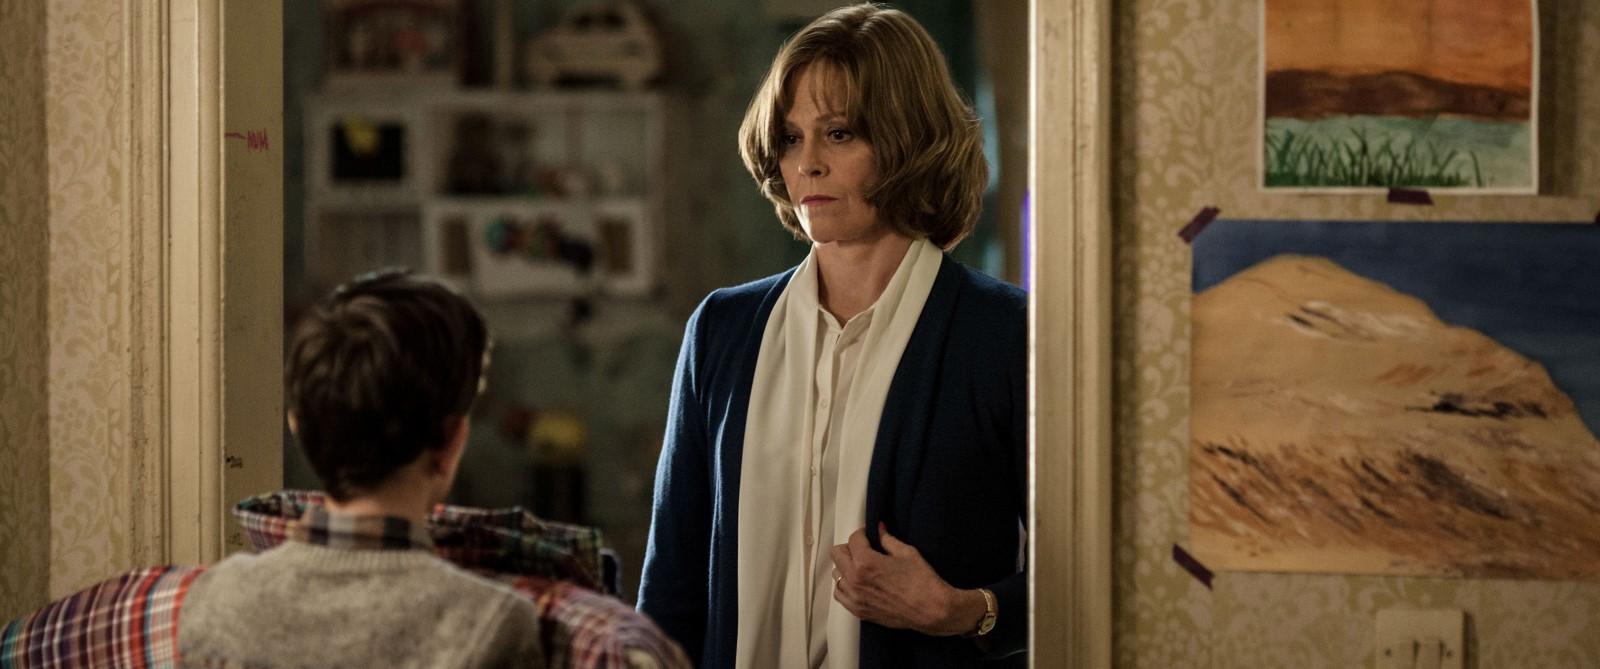 Conor (Lewis MacDougall) muss bei seiner Großmutter (Sigourney Weaver) einziehen